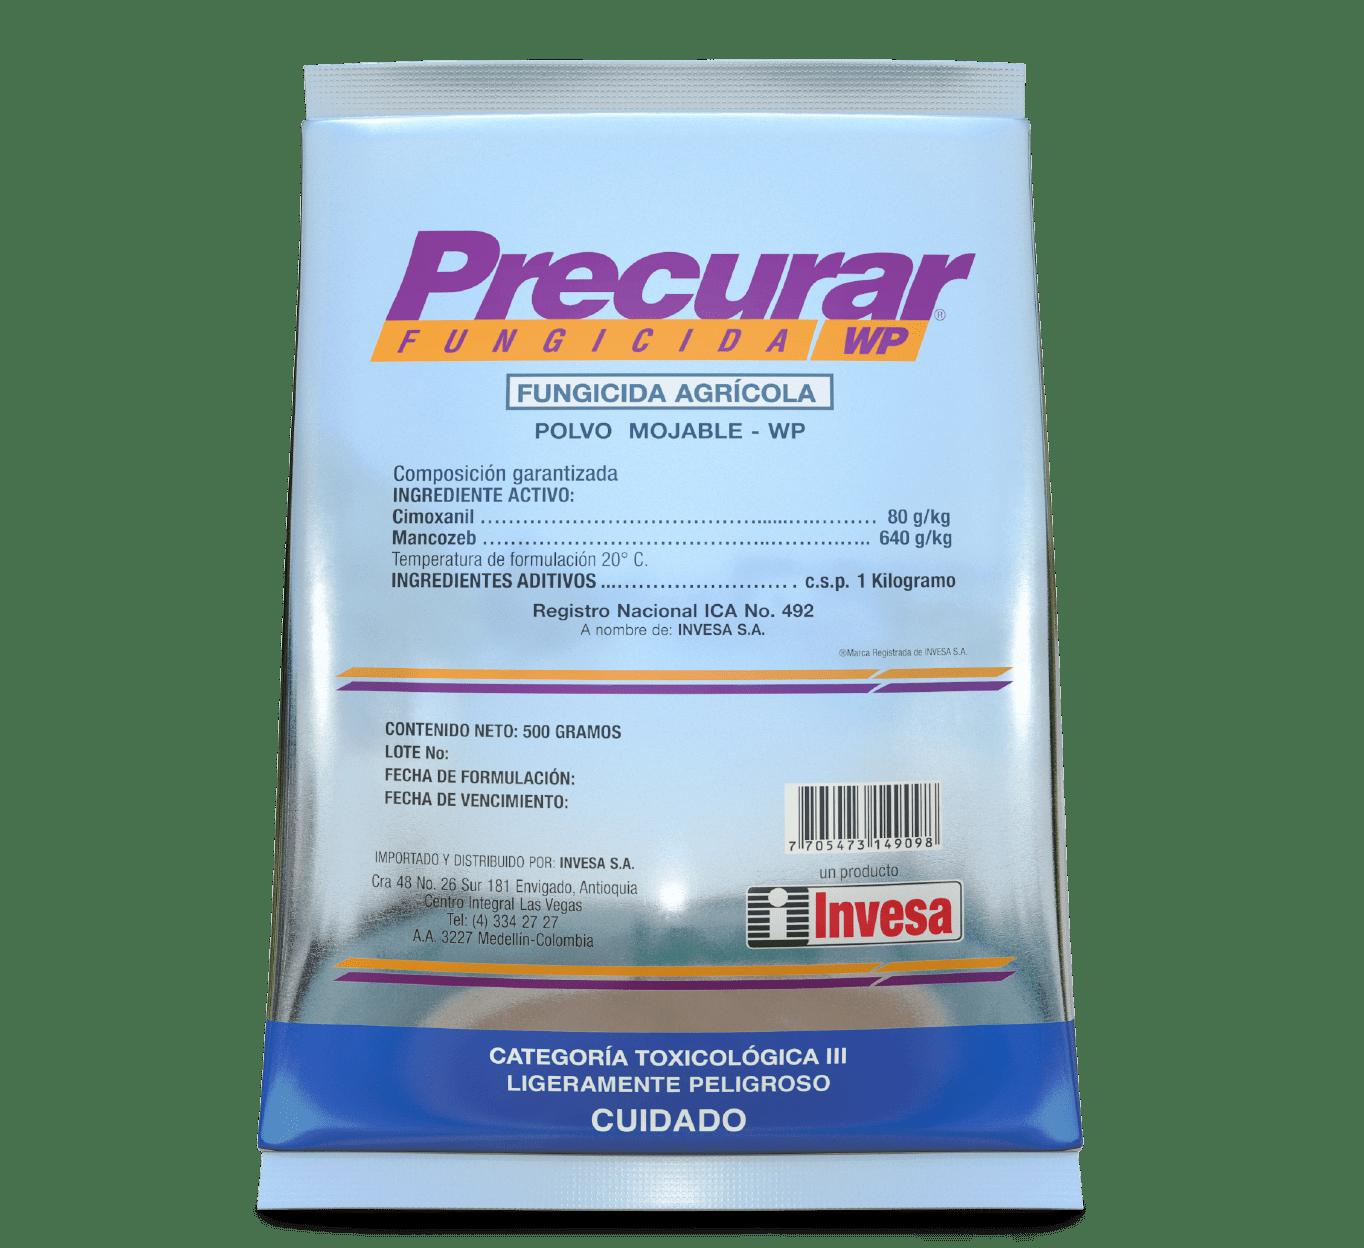 Fungicida precurar wp invesa 500 gr